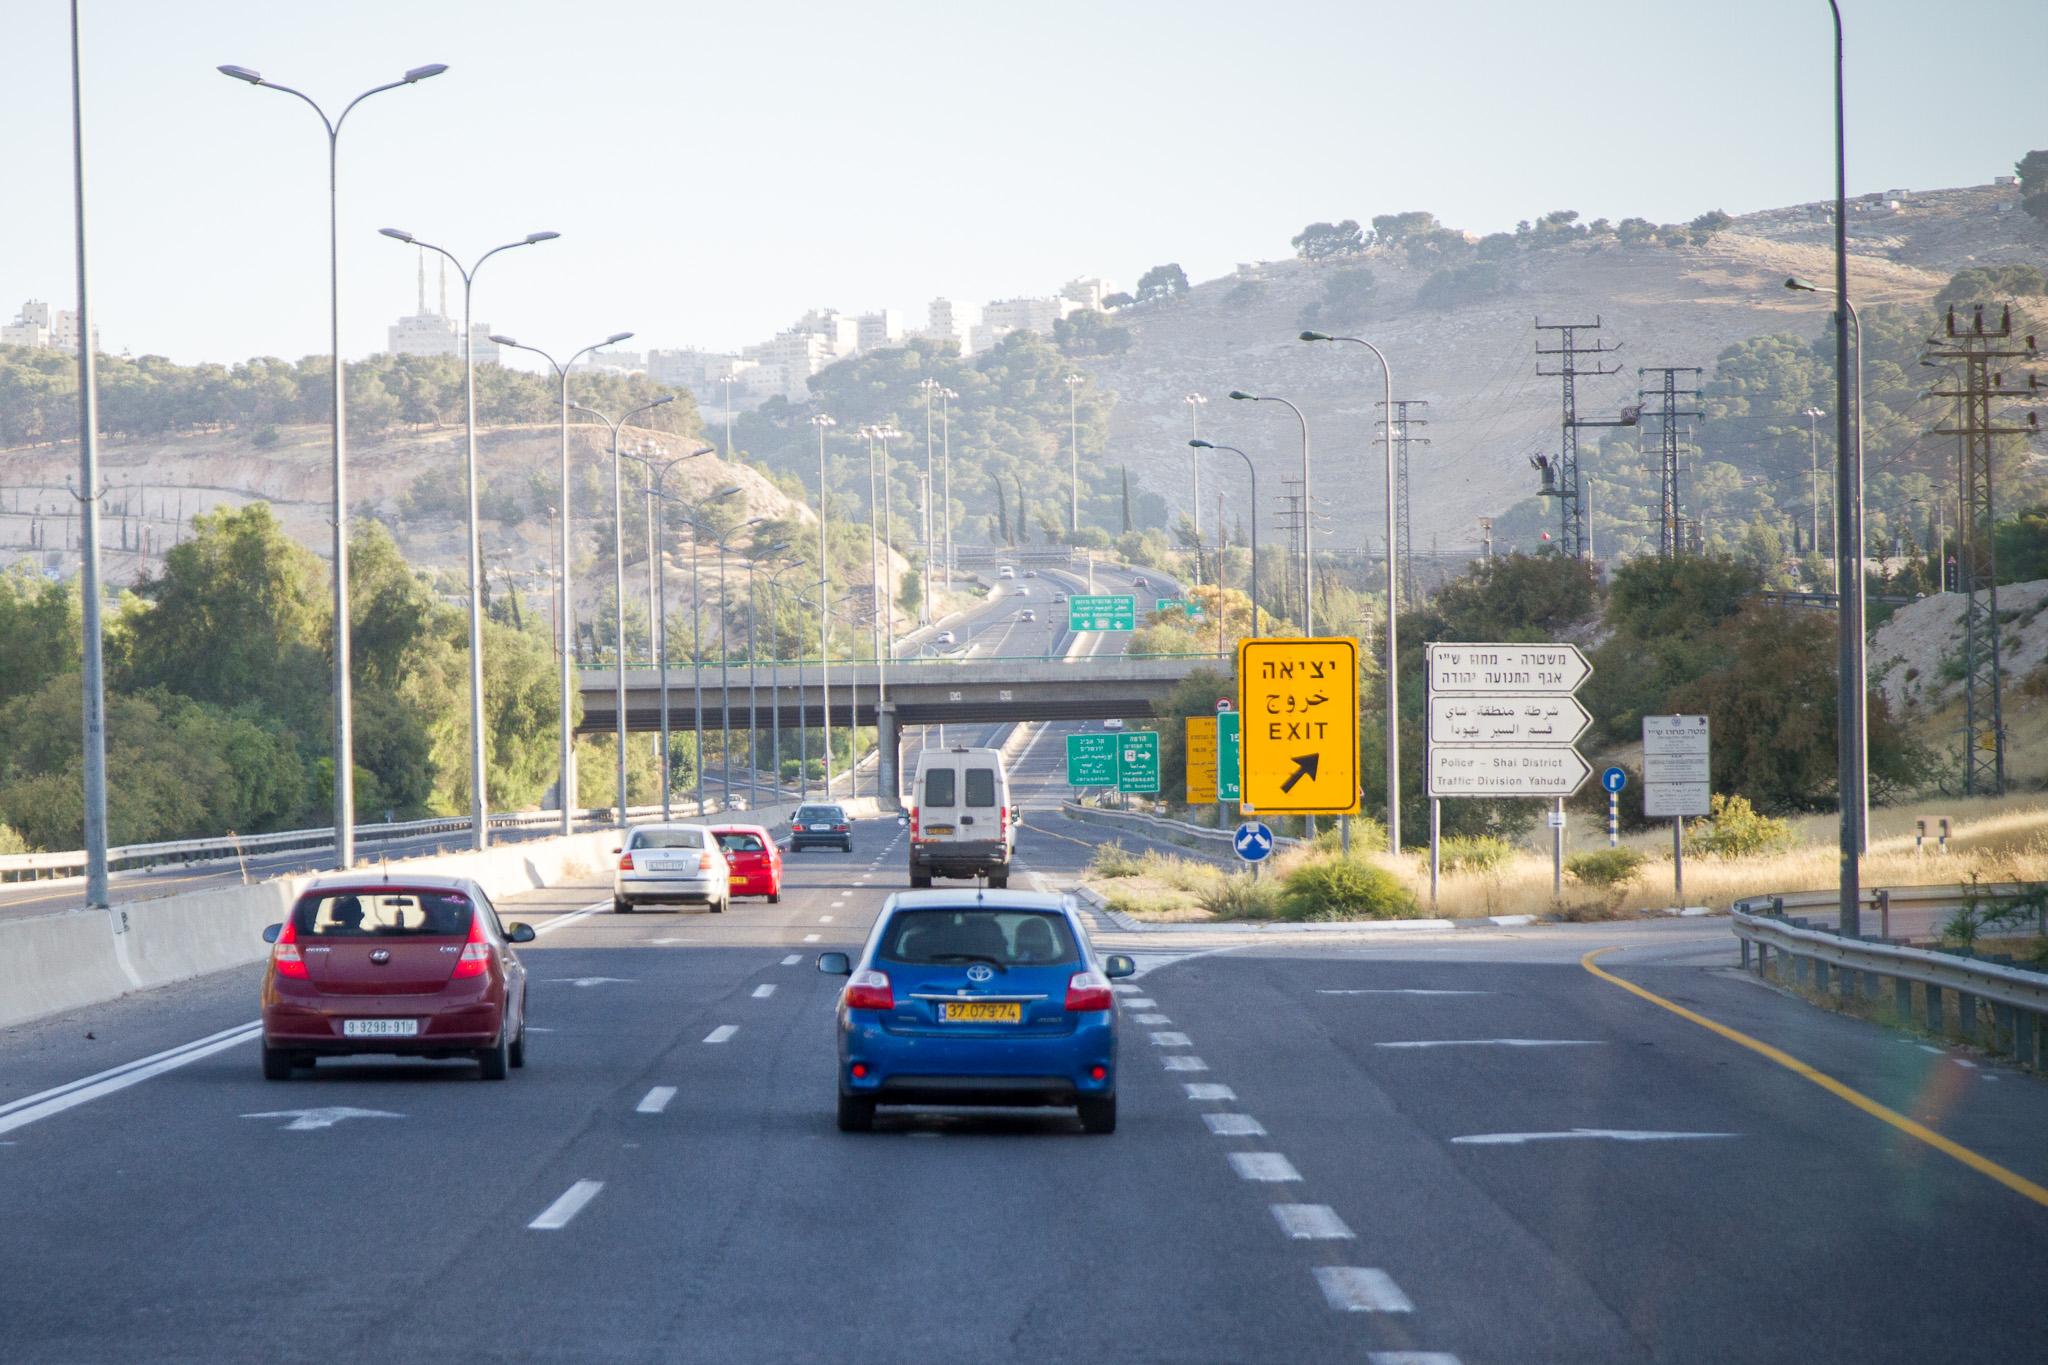 Une voiture palestinienne double une voiture israélienne, sur la même voie rapide (photo ©InfoEquitable)